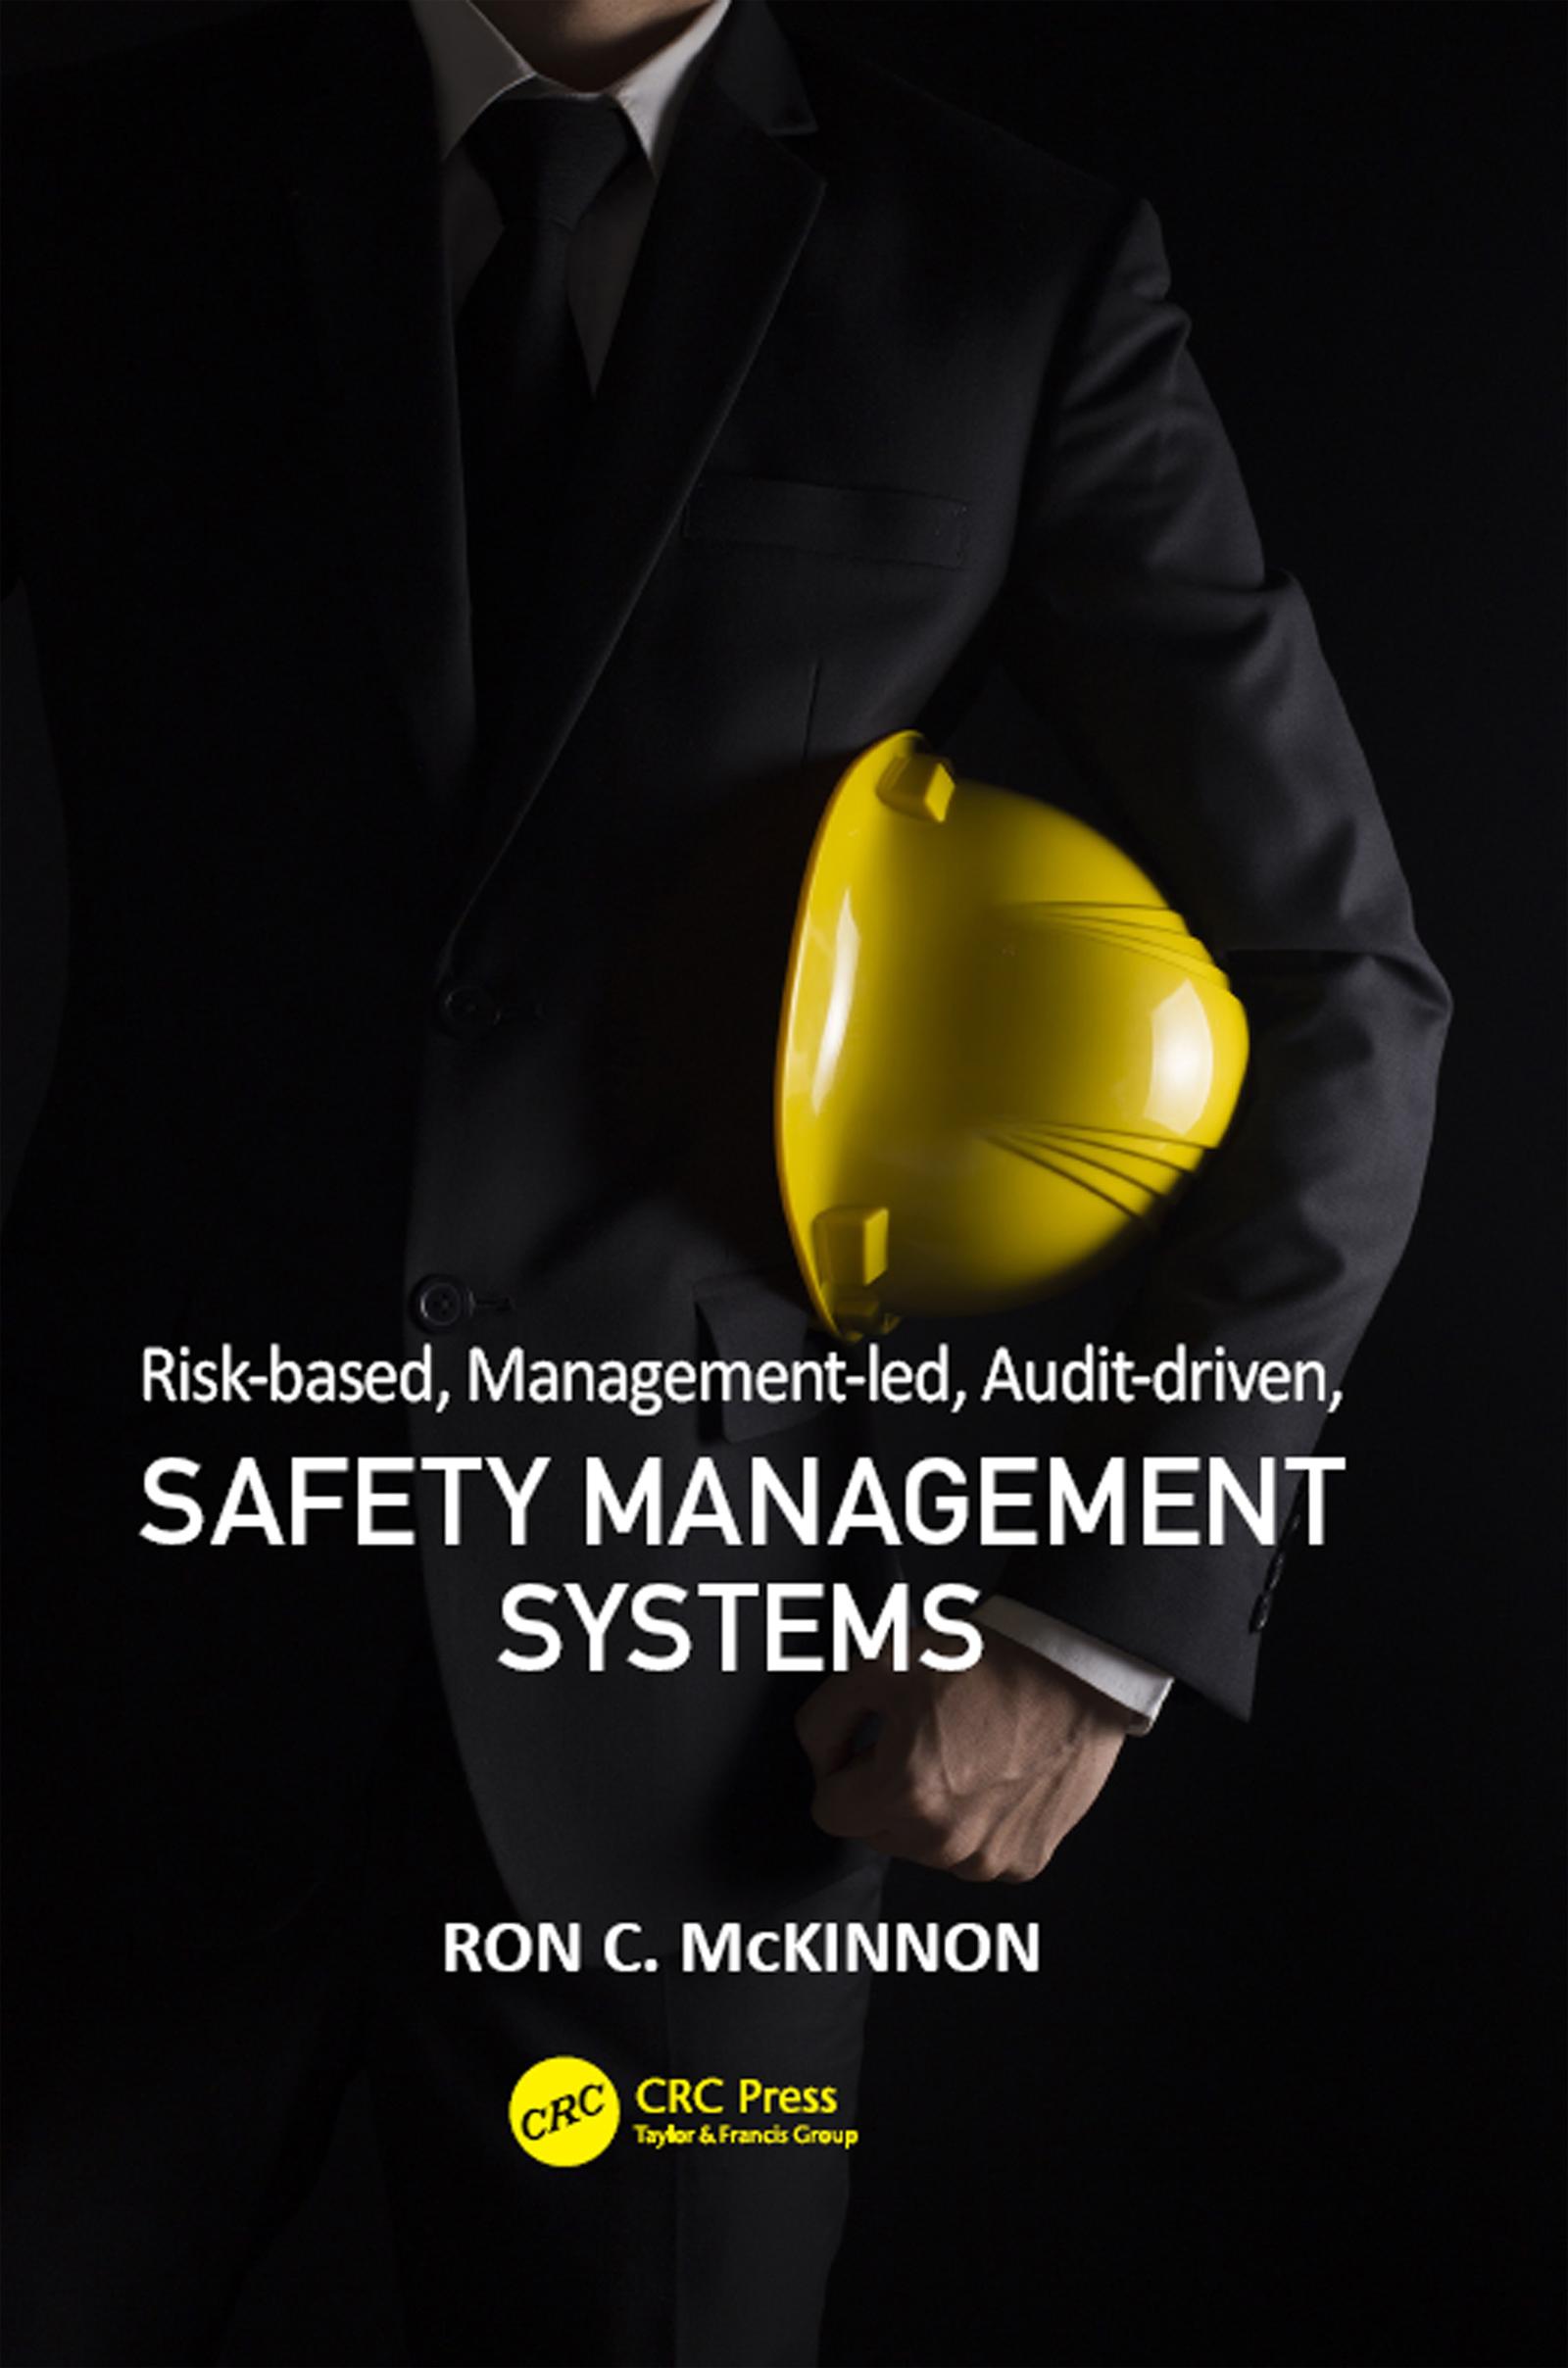 Risk-based, Management-led, Audit-driven, Safety Management Systems